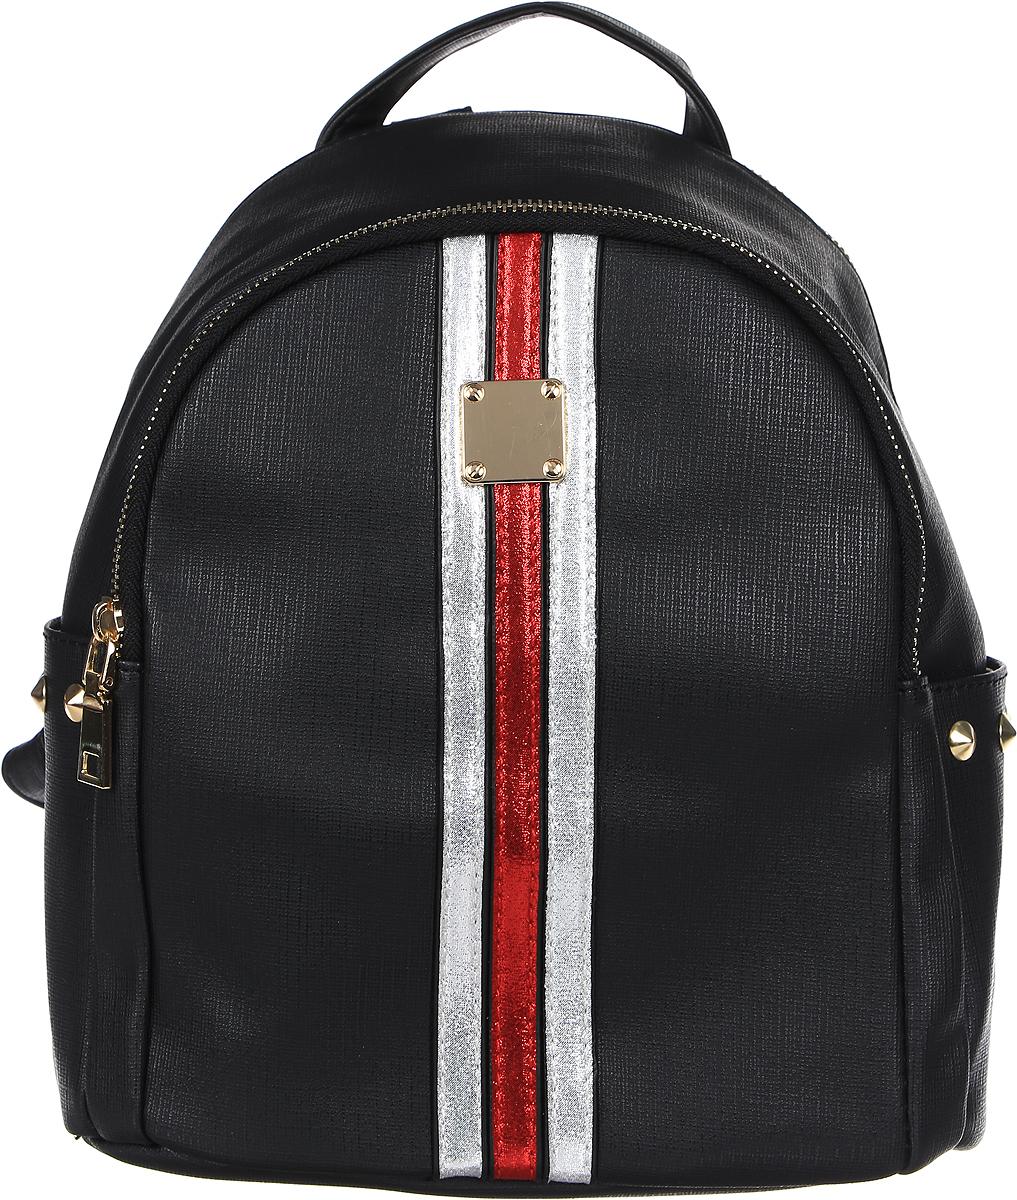 Рюкзак женский DDA, цвет: черный. DDA SB-1050 BK